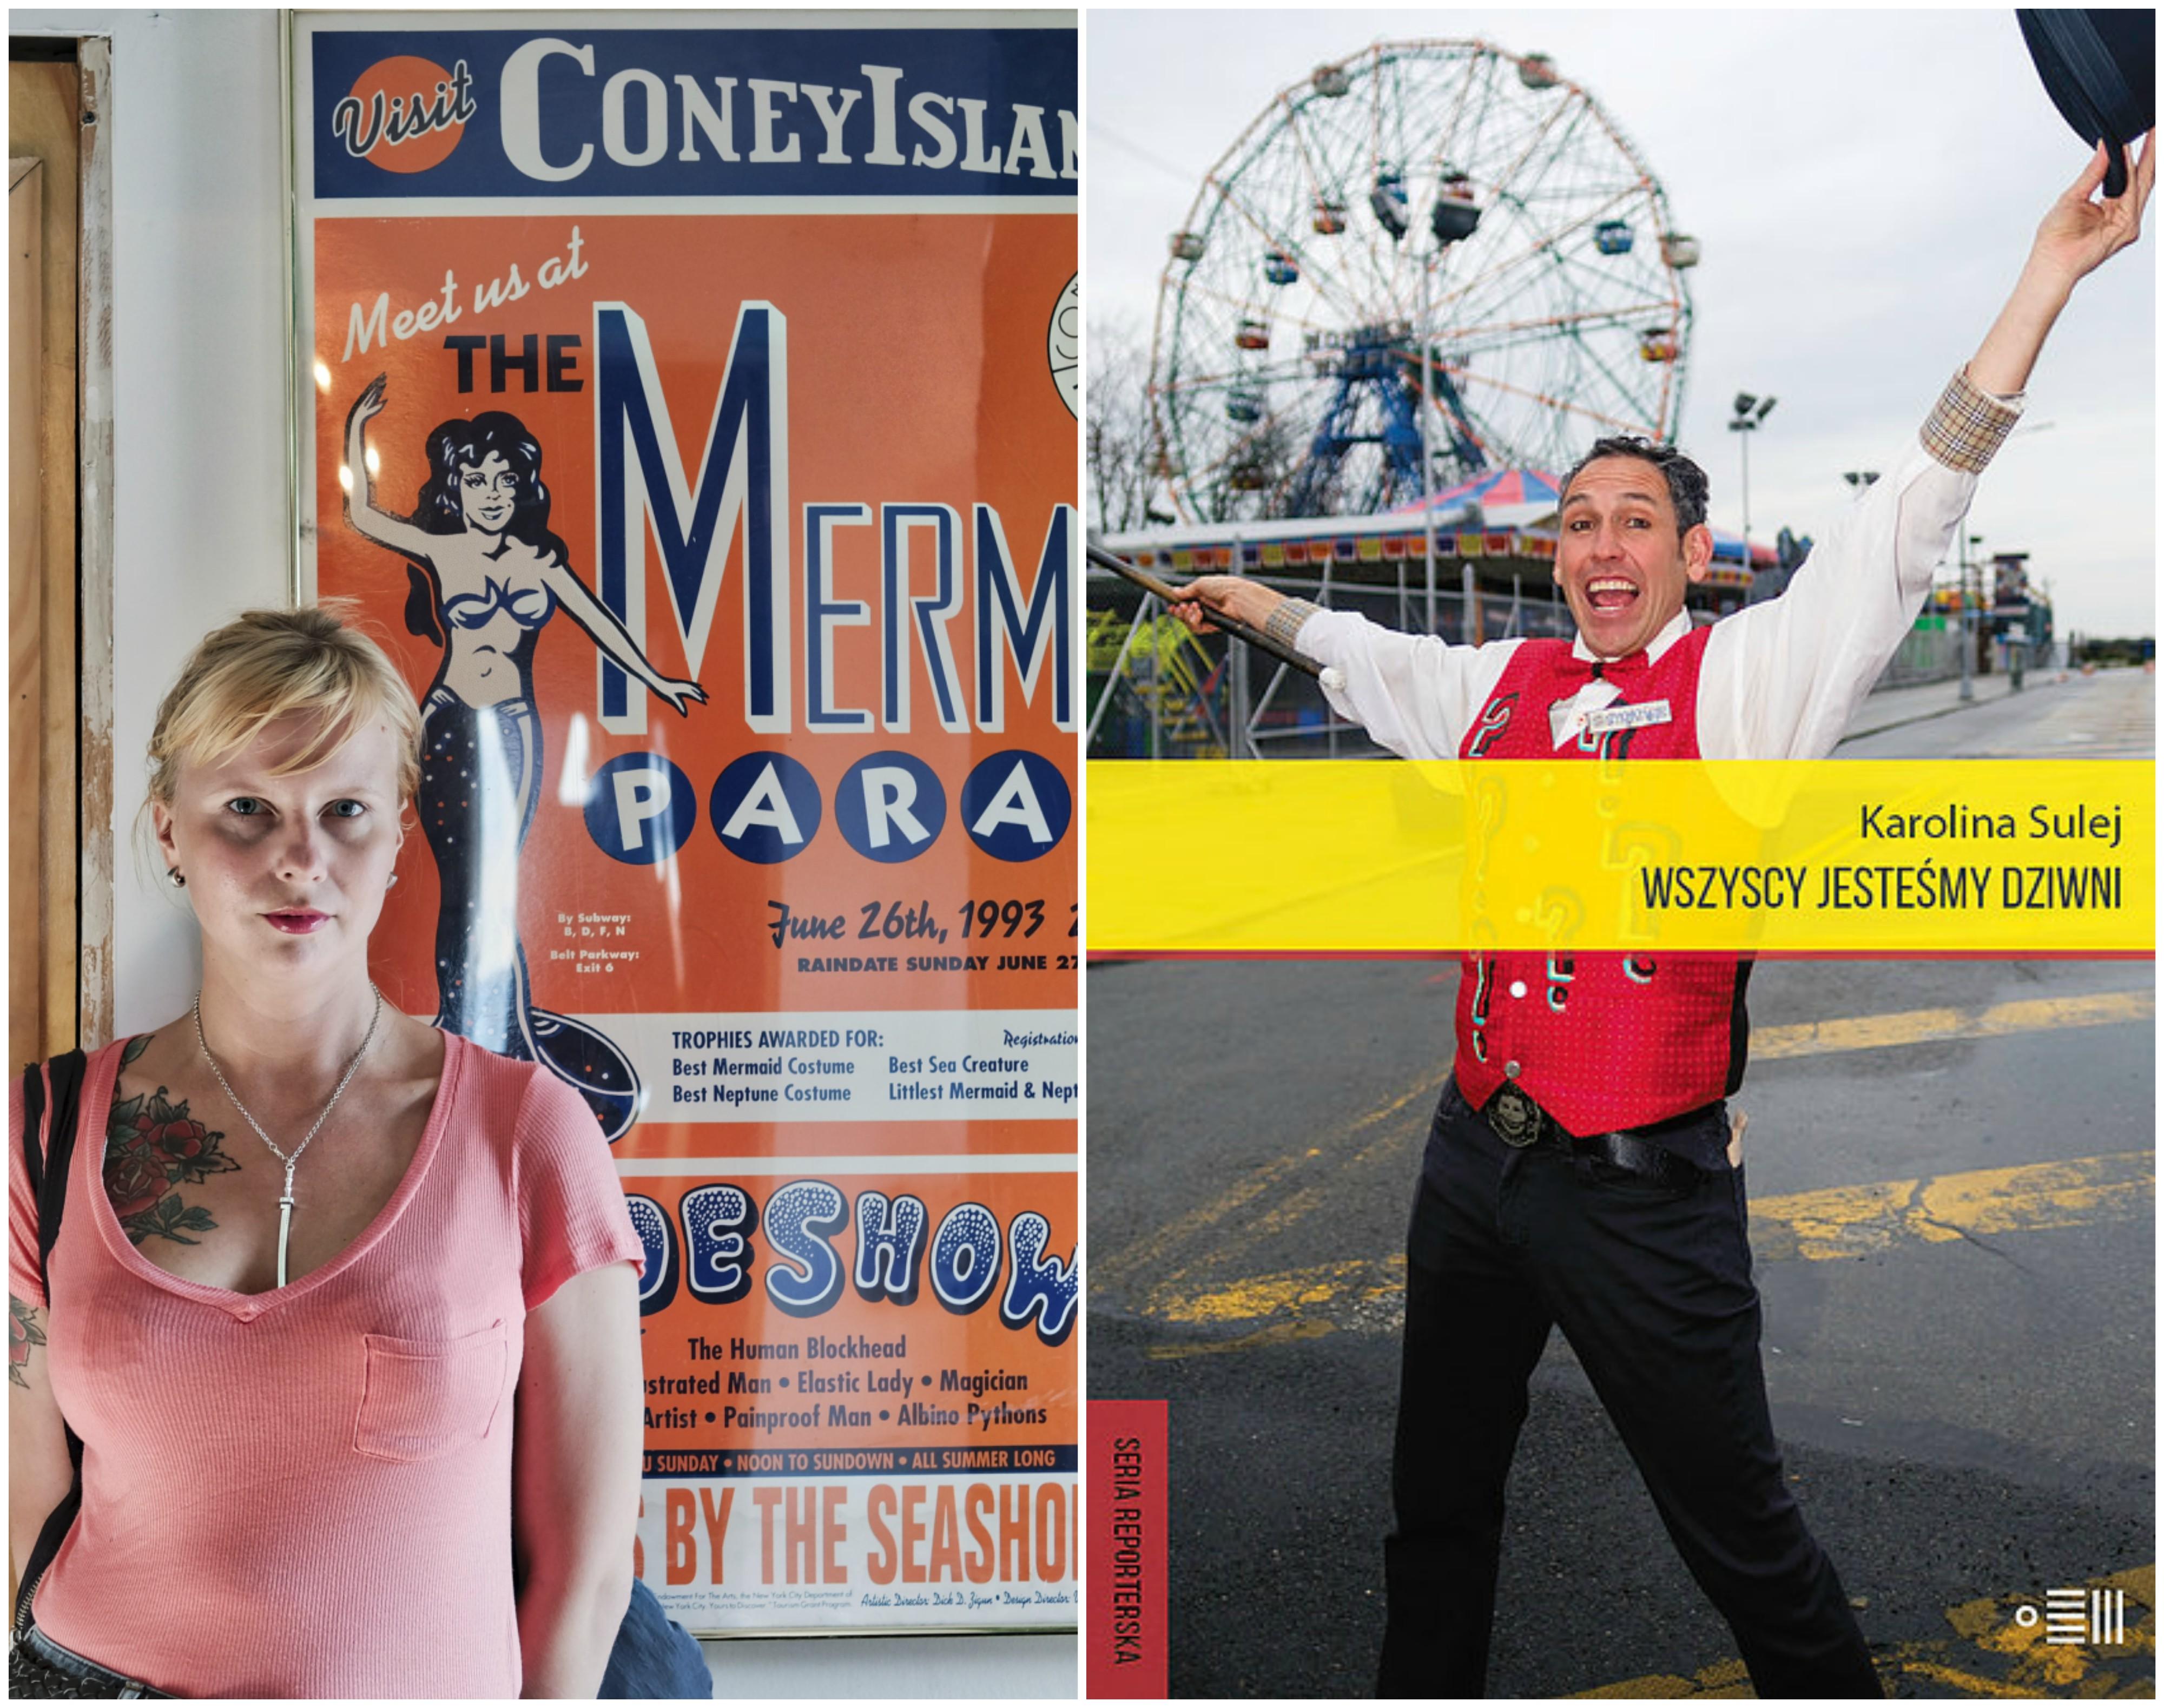 Książka Karoliny Sulej 'Wszyscy jesteśmy dziwni. Opowieści z Coney Island' ukazała się nakładem Wydawnictwa Dowody na Istnienie (fot. Mateusz Kubik / materiały prasowe)